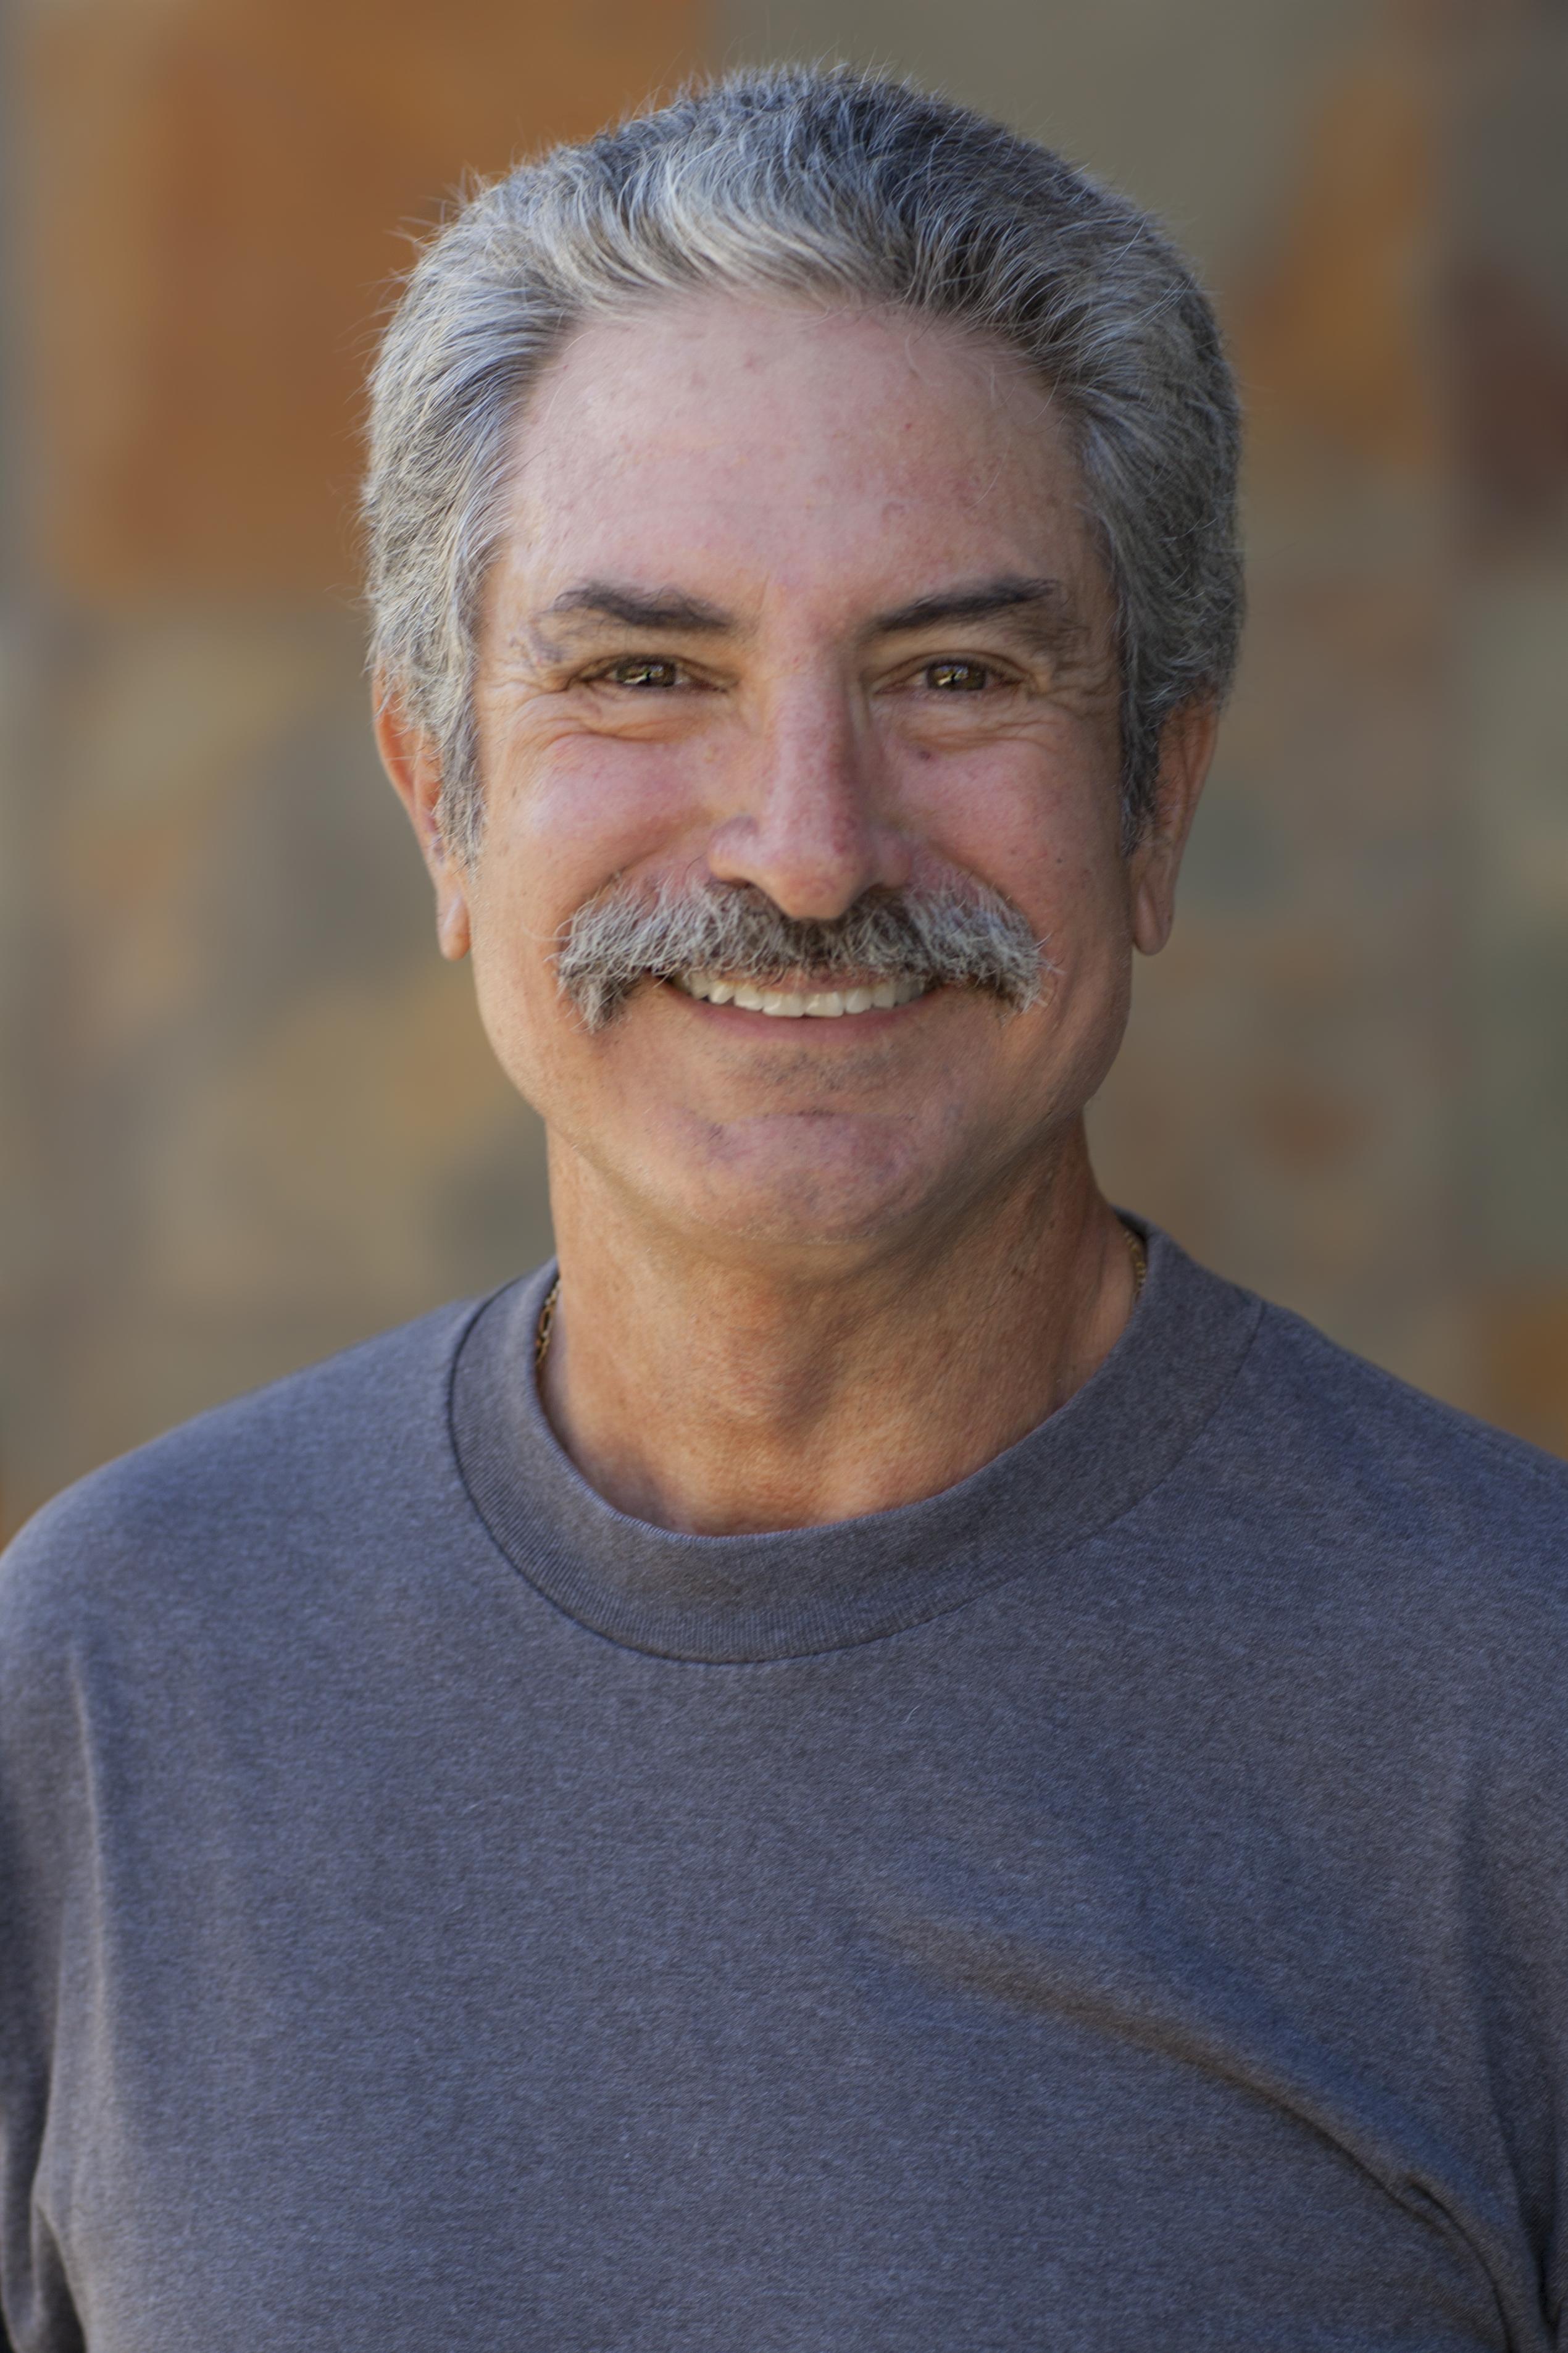 Bill Consolo